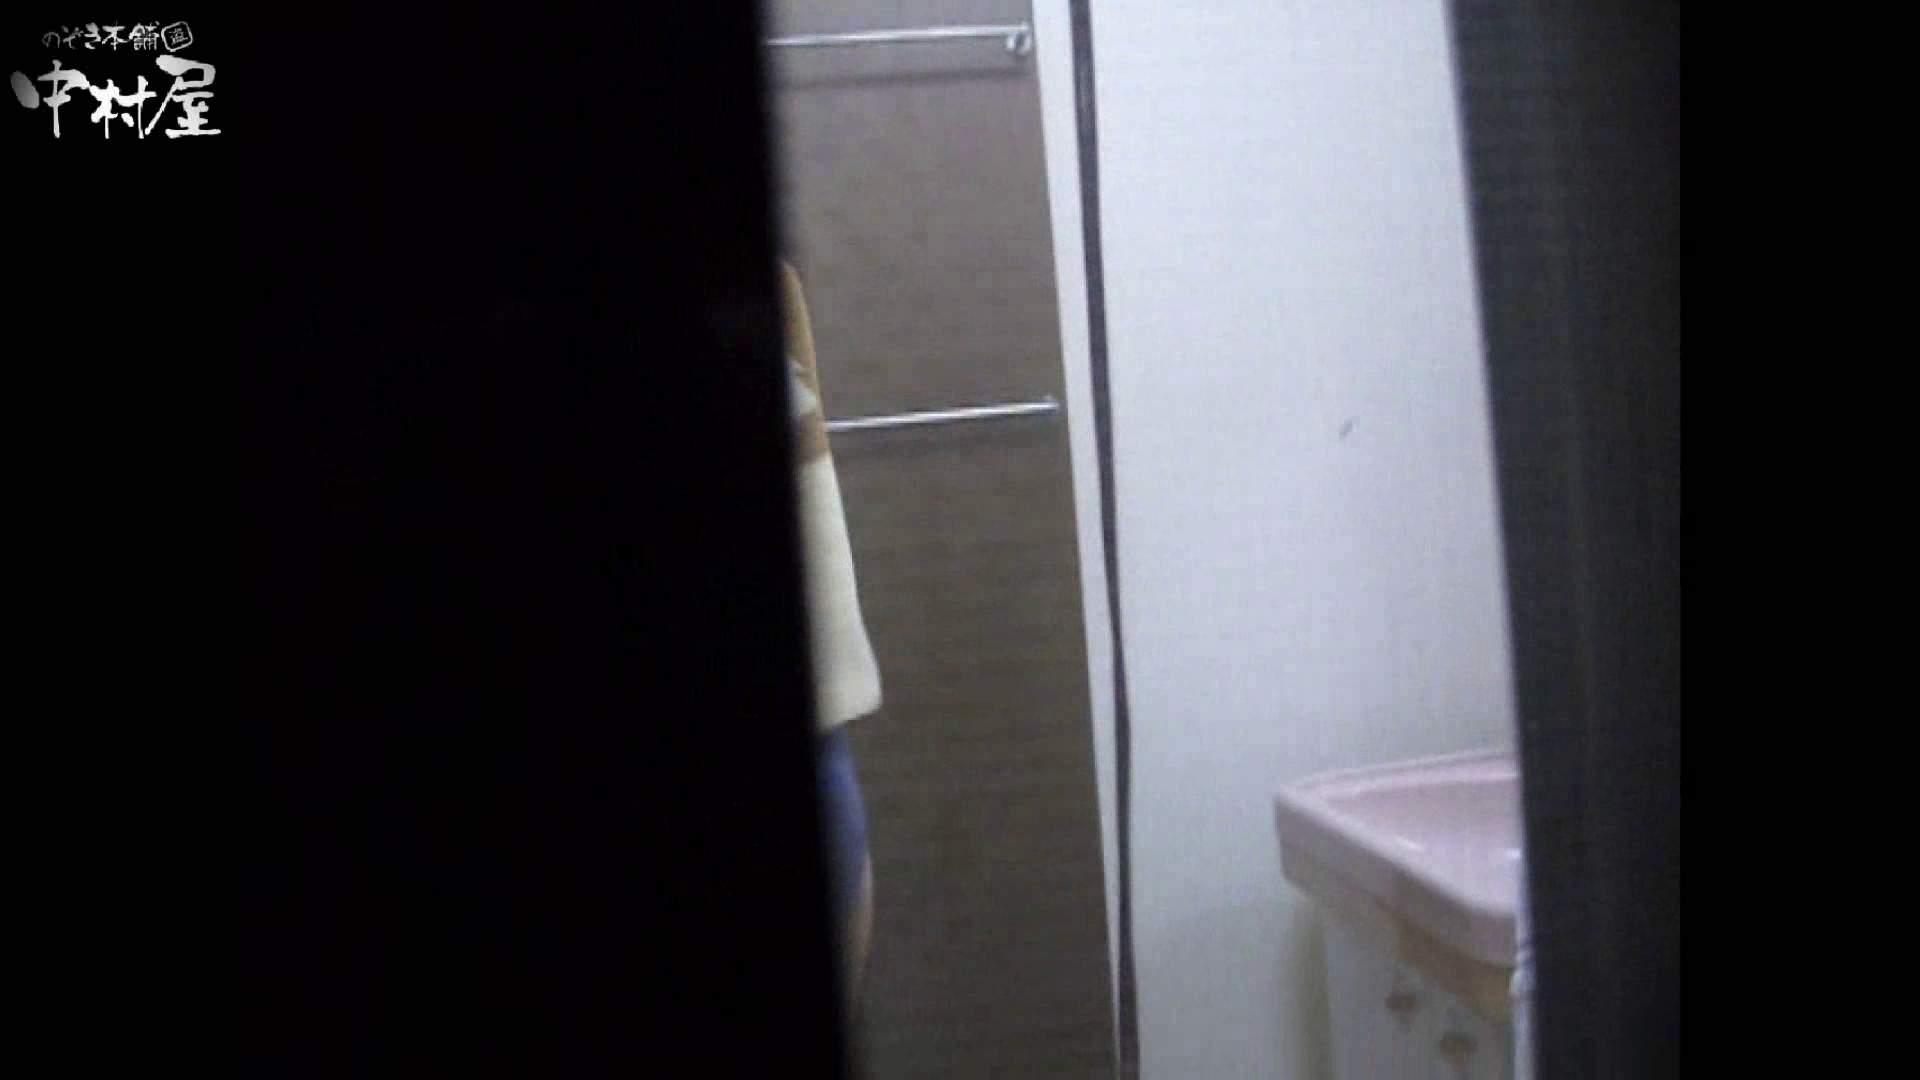 民家風呂専門盗撮師の超危険映像 vol.005 美女まとめ  78PIX 15